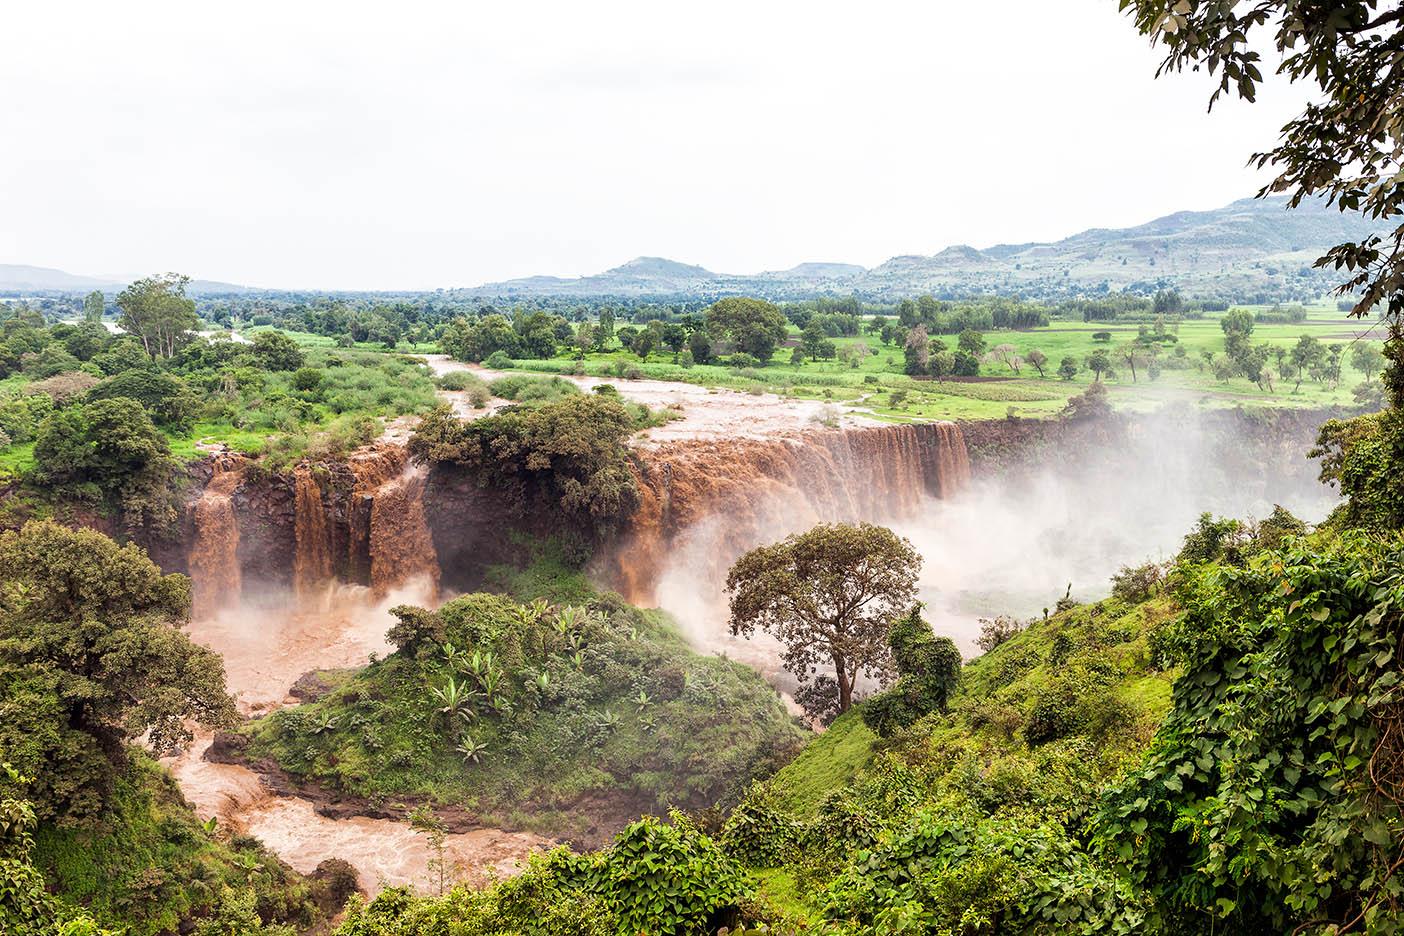 מפלי טיסיסיאט - טיול פרטי באתיופיה